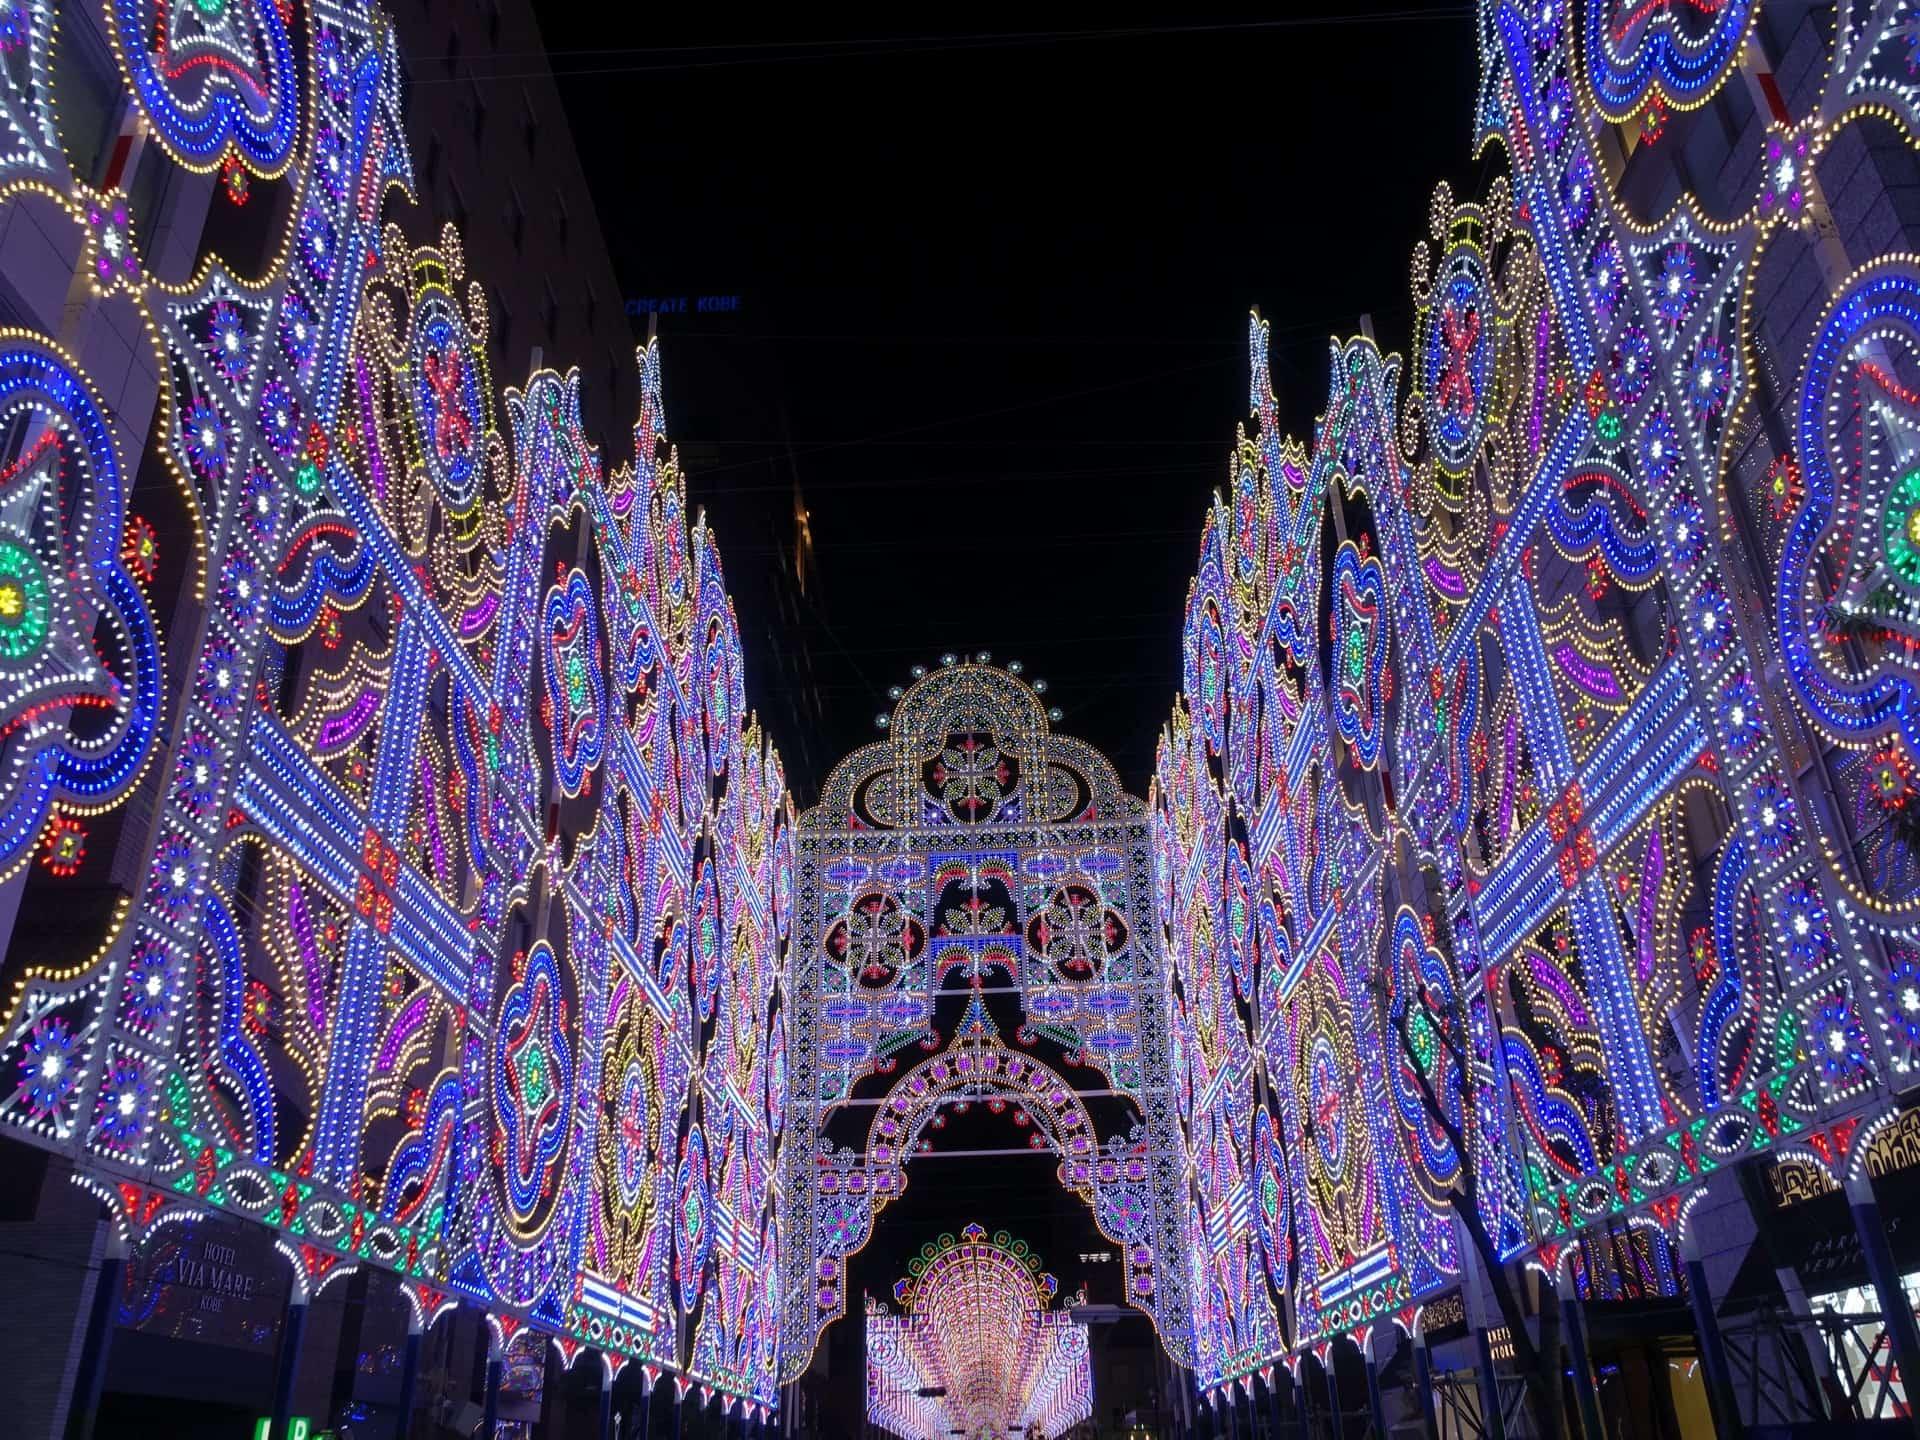 「神戸ルミナリエ2019」の開催期間・時間・場所がすべてわかる!鑑賞のポイントも◎